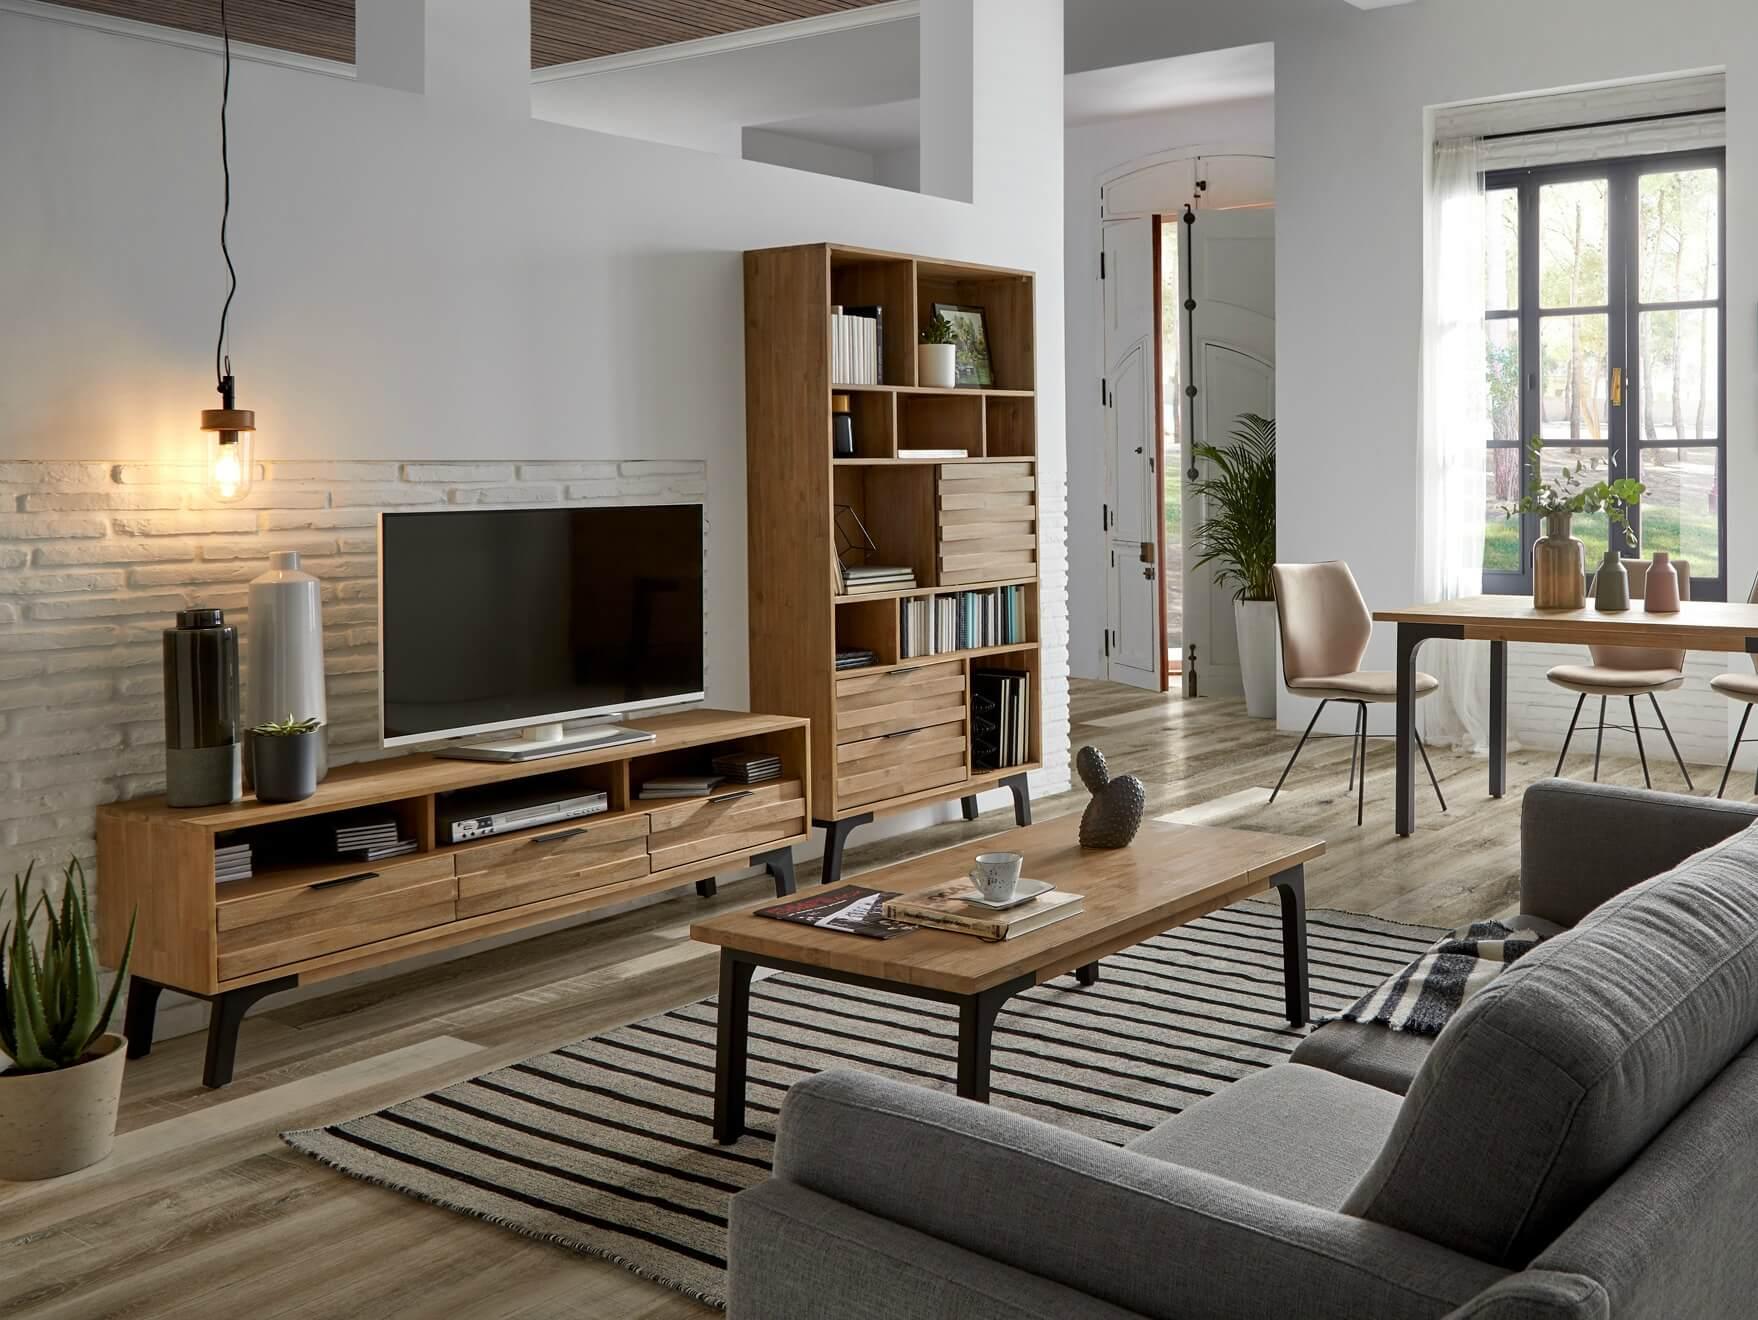 9764931coleccio-n-mueble-colonial-Amsterdam-somcasa